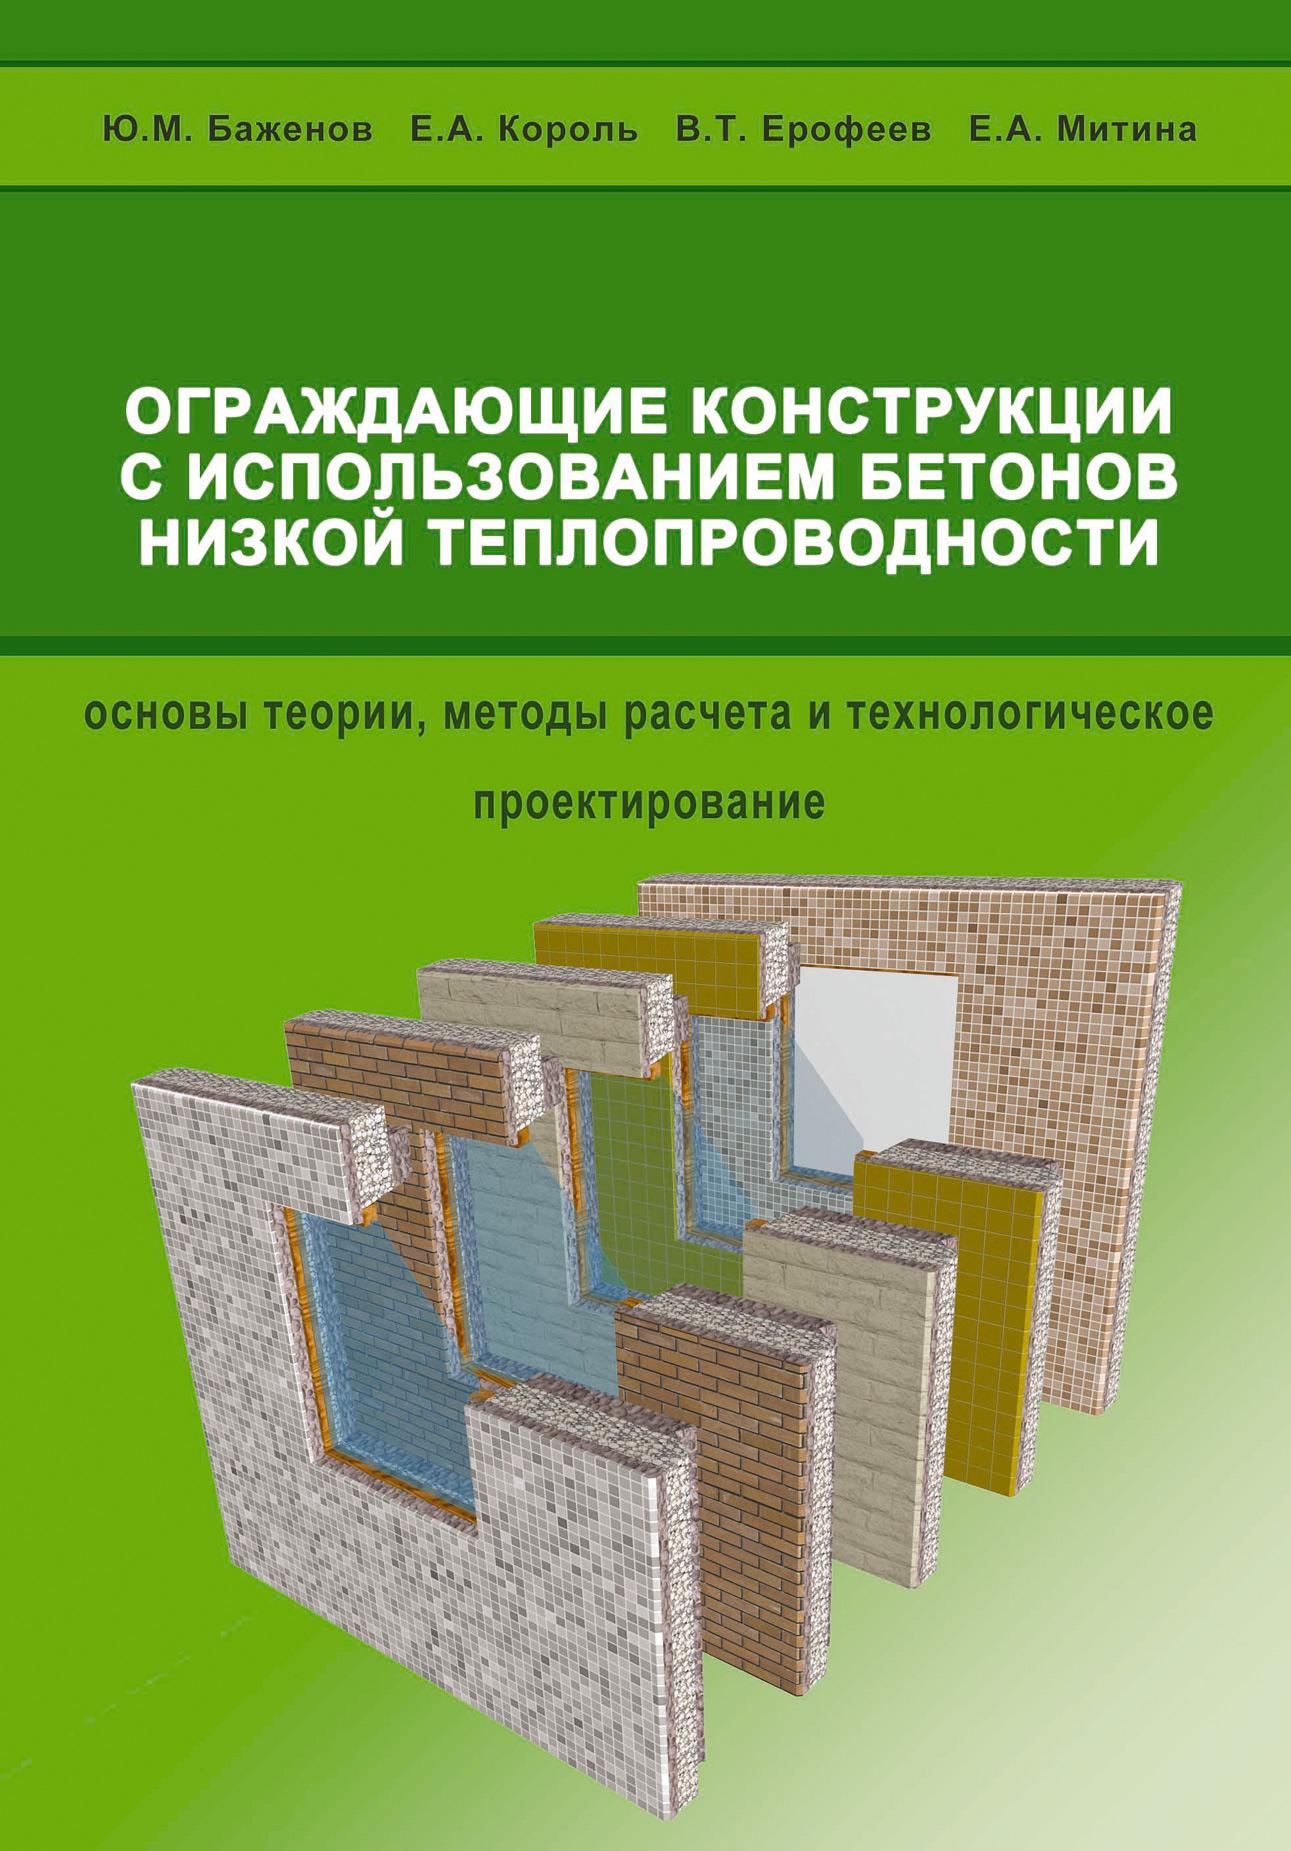 Е. А. Король Ограждающие конструкции с использованием бетонов низкой теплопроводности е а король ограждающие конструкции с использованием бетонов низкой теплопроводности